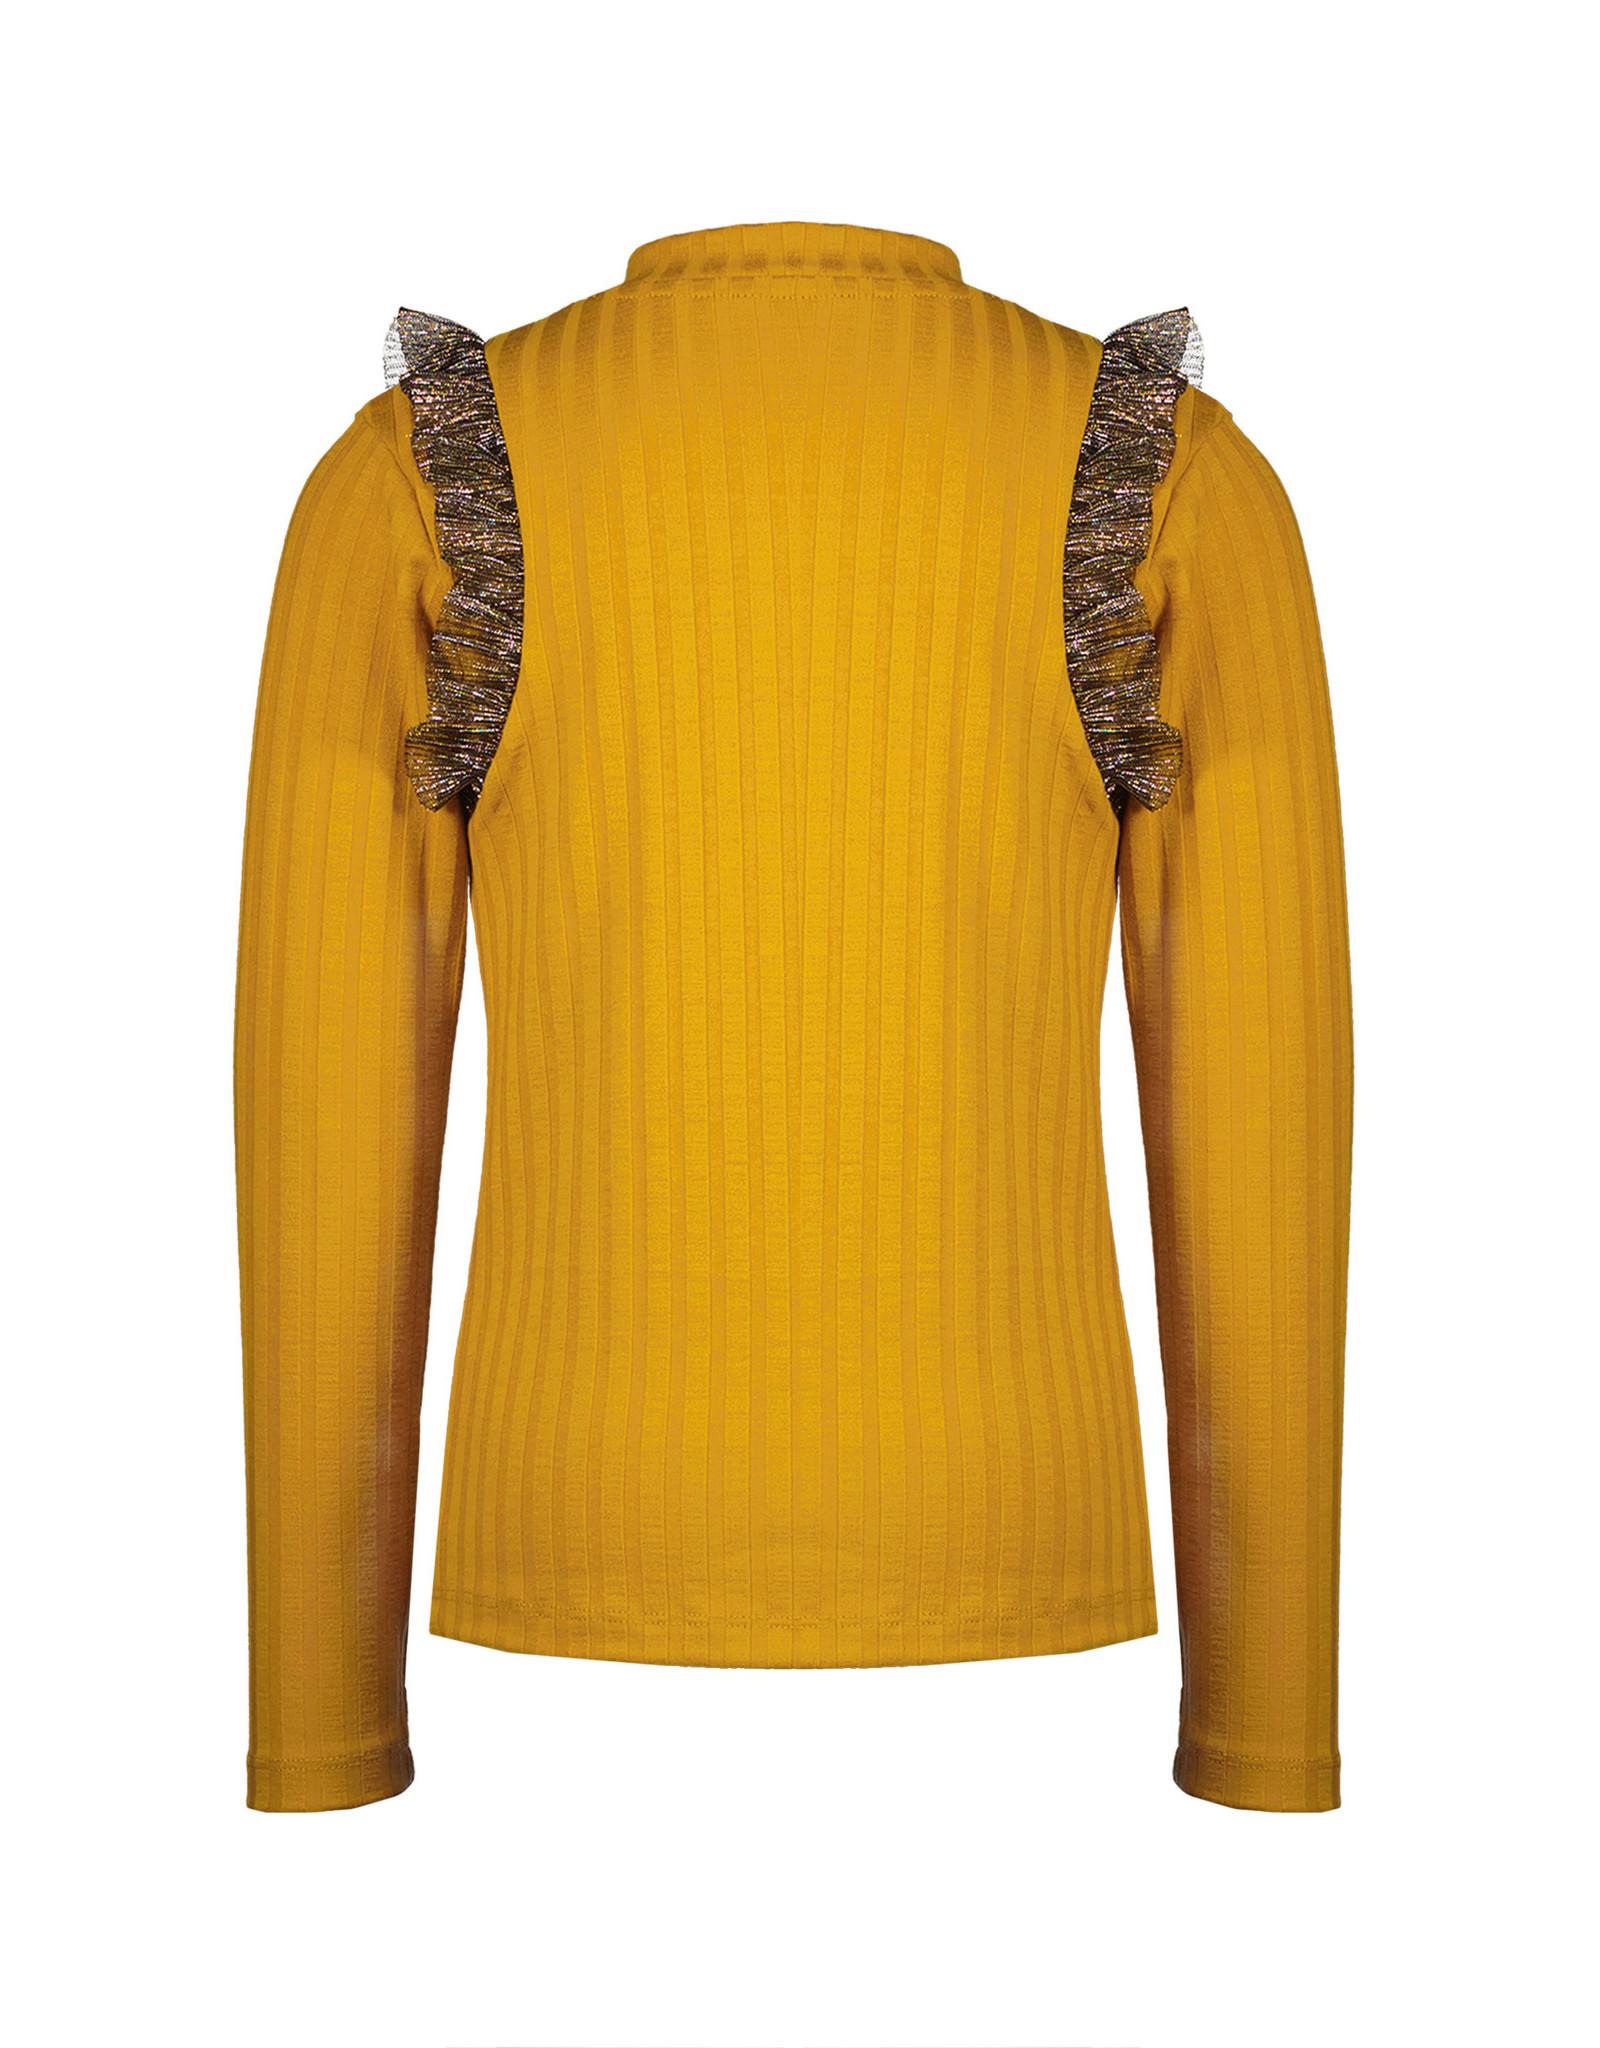 Nono NONO shirt 5403 saffron